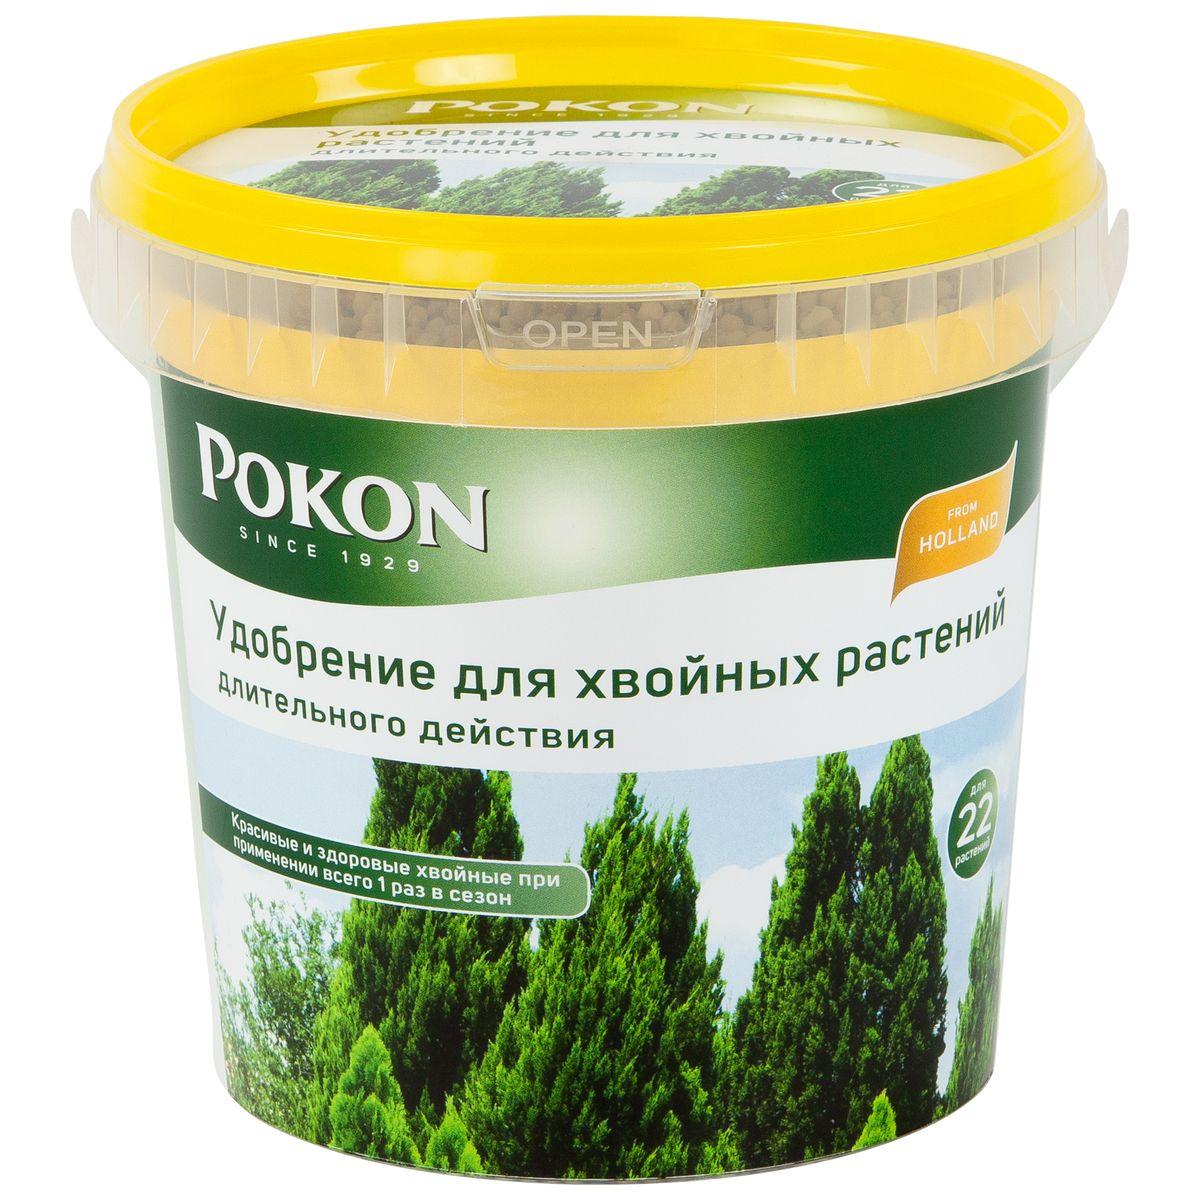 Удобрение Pokon для хвойных длительного действия, 900 г